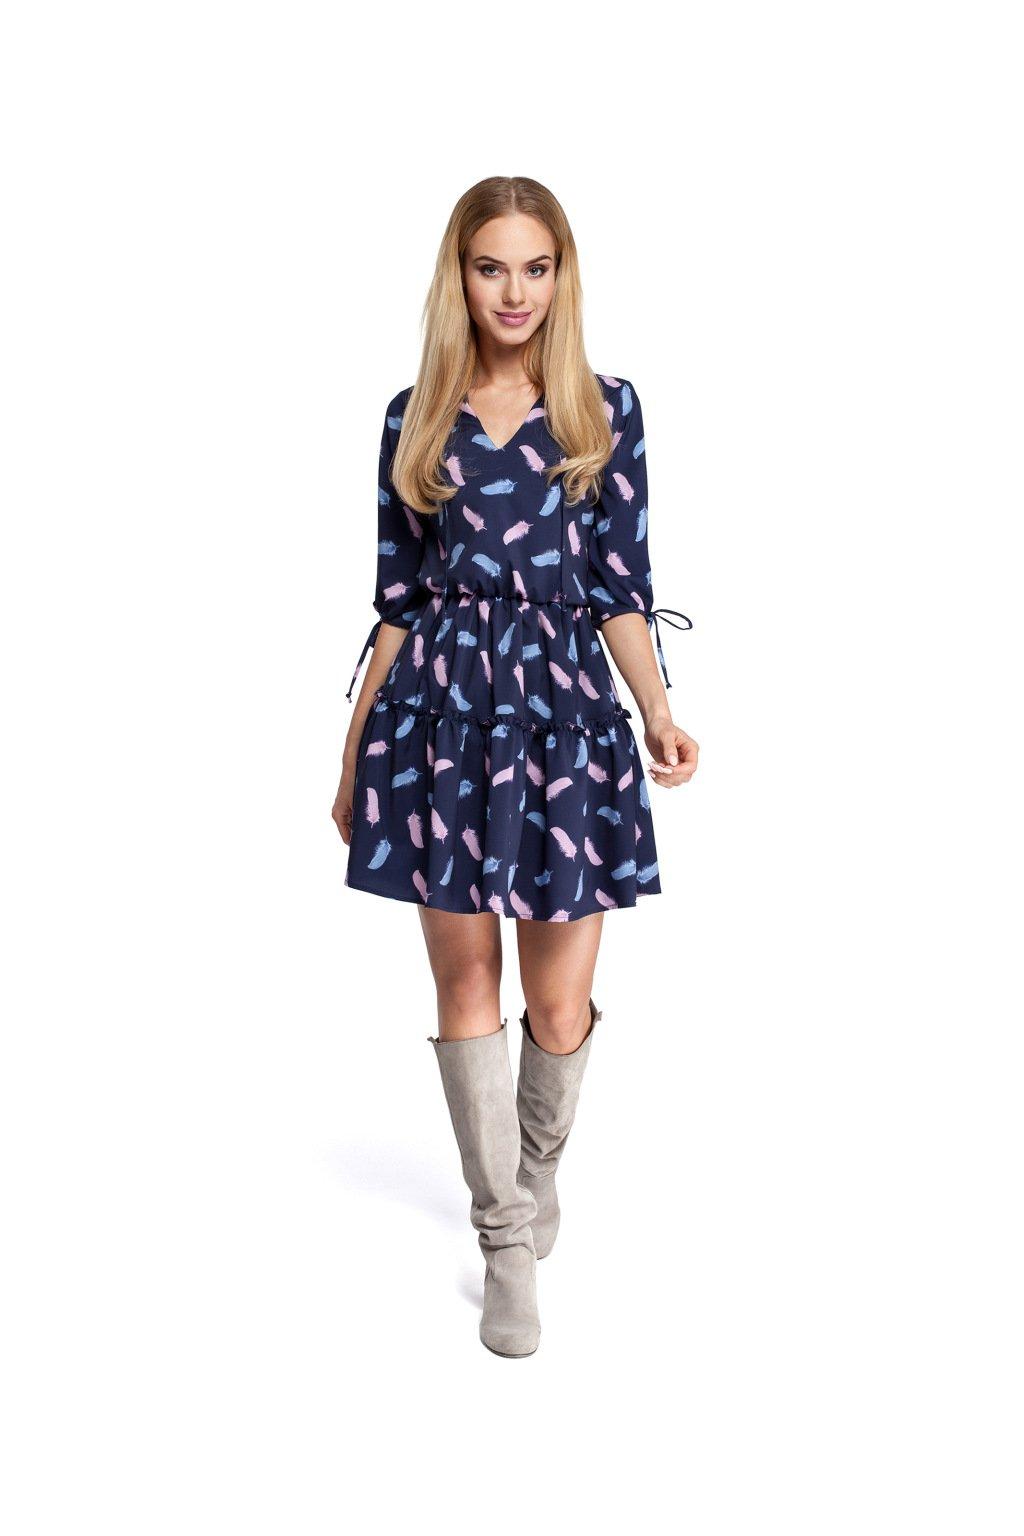 Dámské romantické šaty MOE 300 modré s pírky